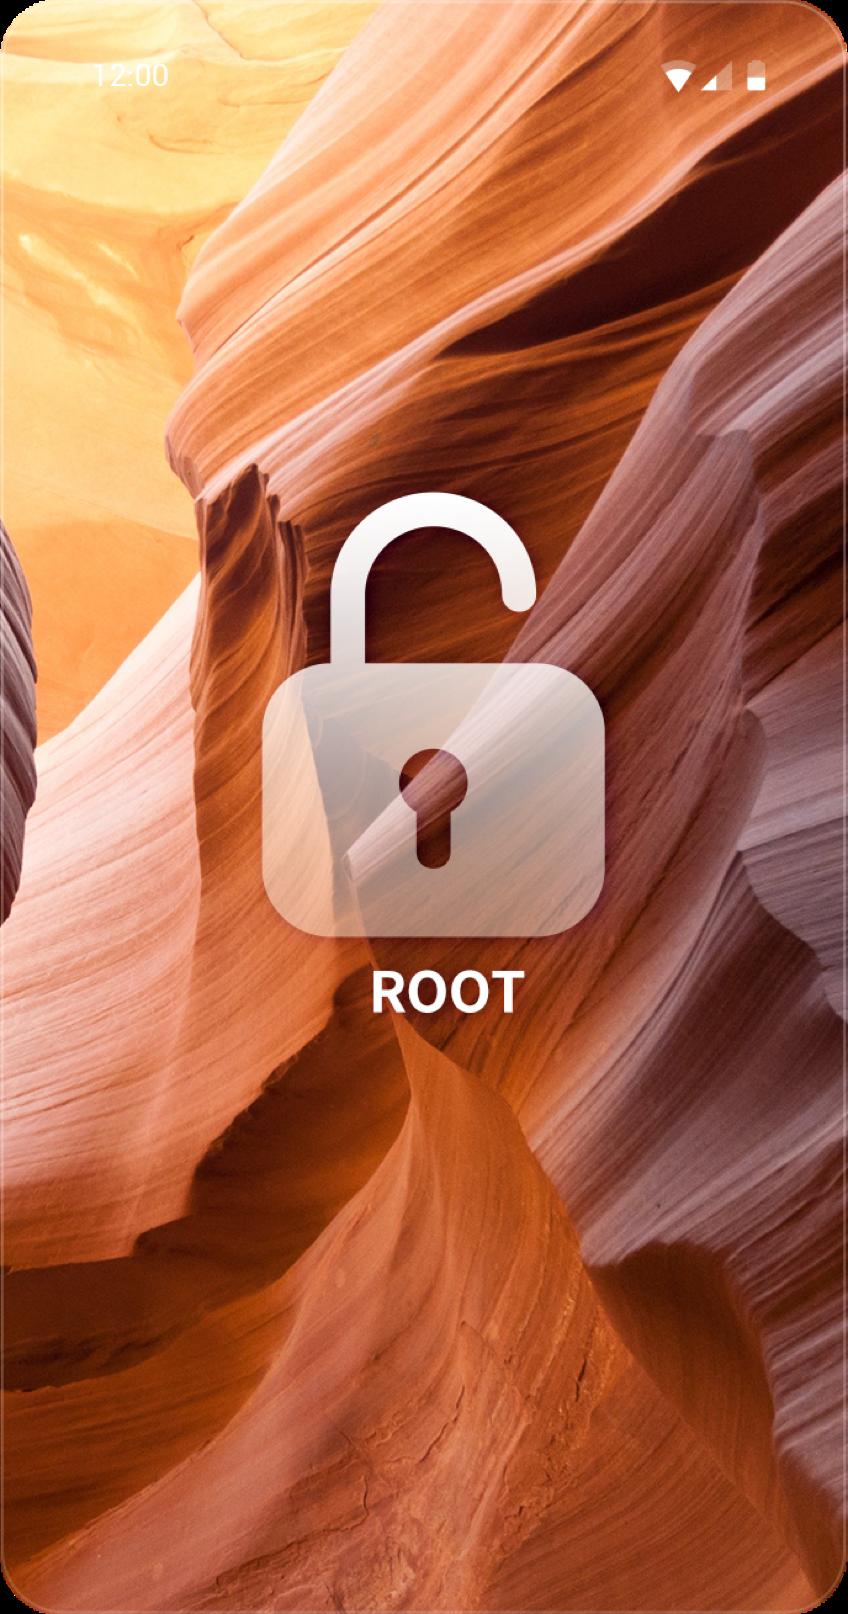 安卓虚拟机 VMOS Pro v1.1.17去除VIP会员限制